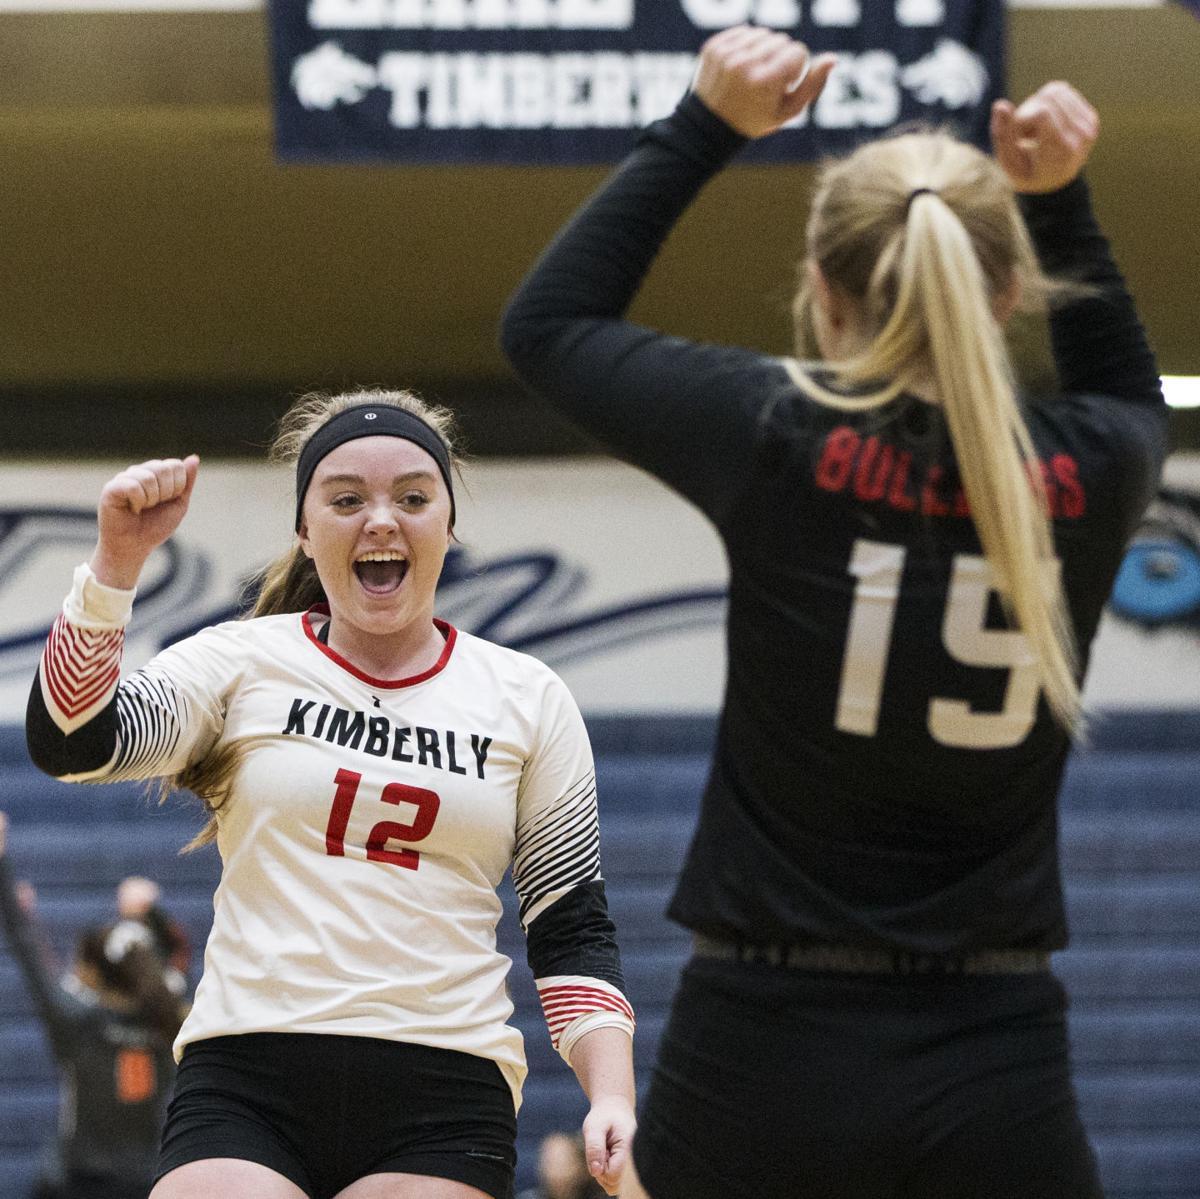 2017 3A state volleyball: Kimberly vs. Timberlake